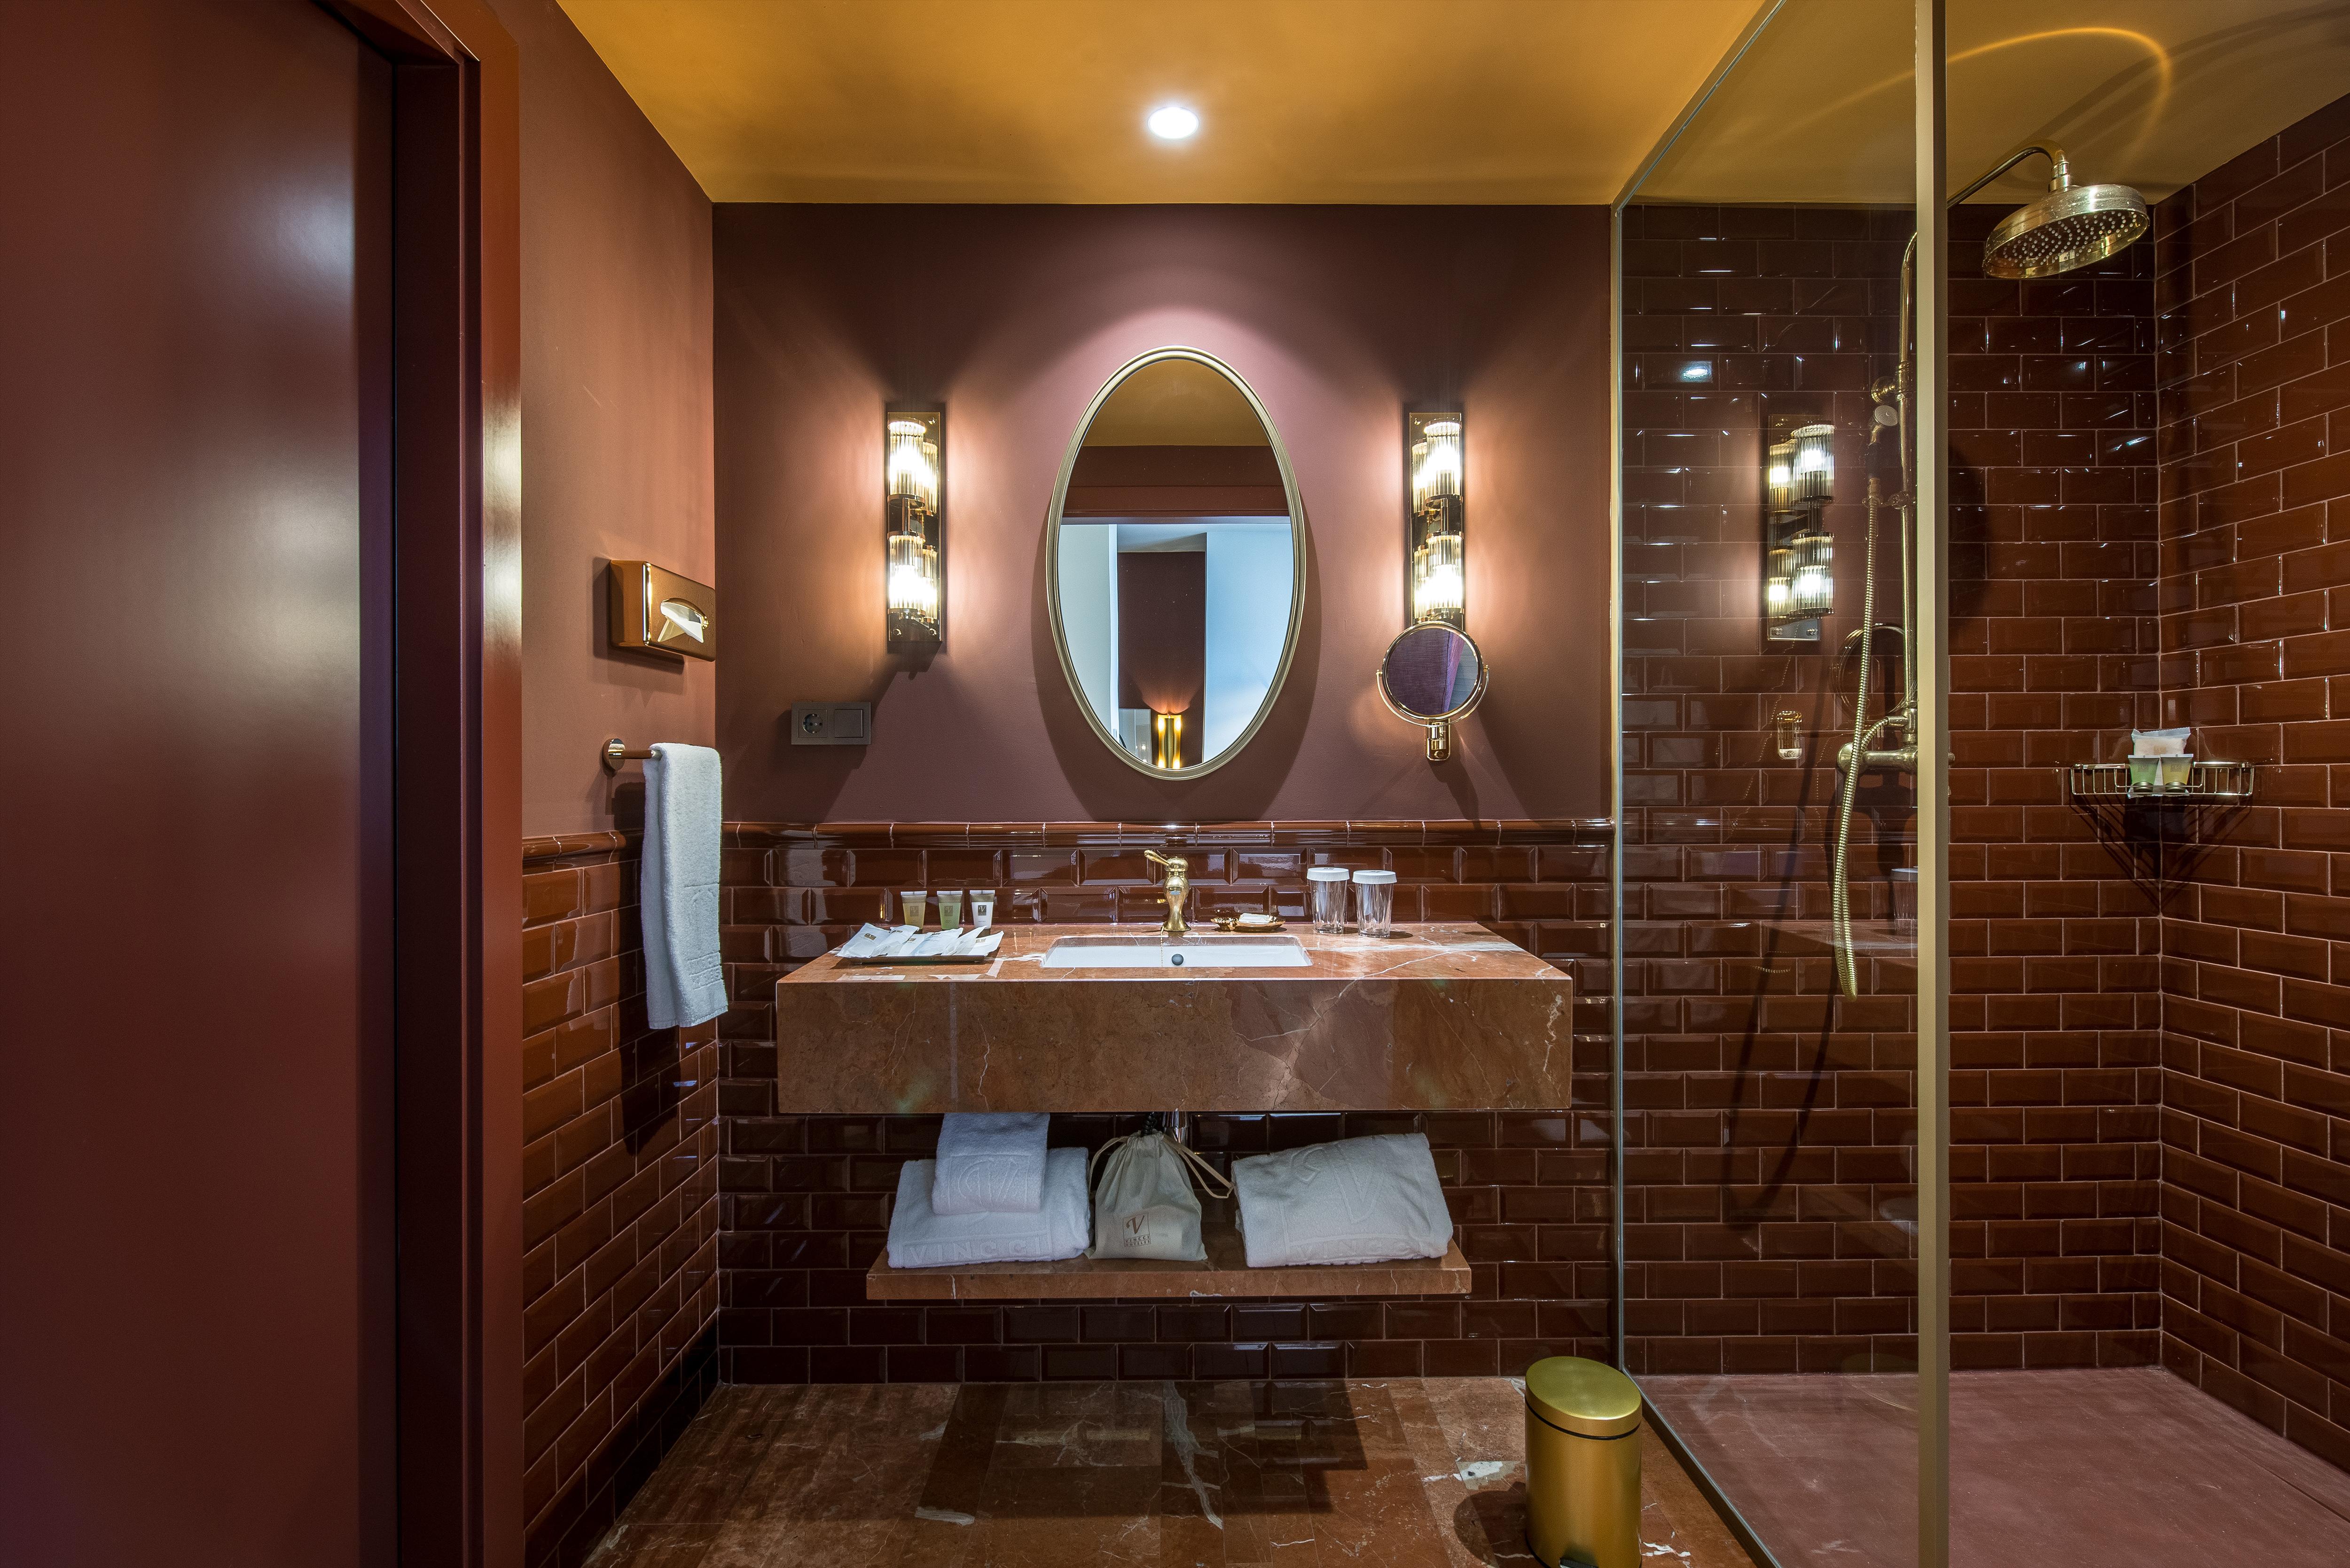 Vincci Mae Hotel En Barcelona Viajes El Corte Ingl S ~ Espejos De Aumento El Corte Ingles